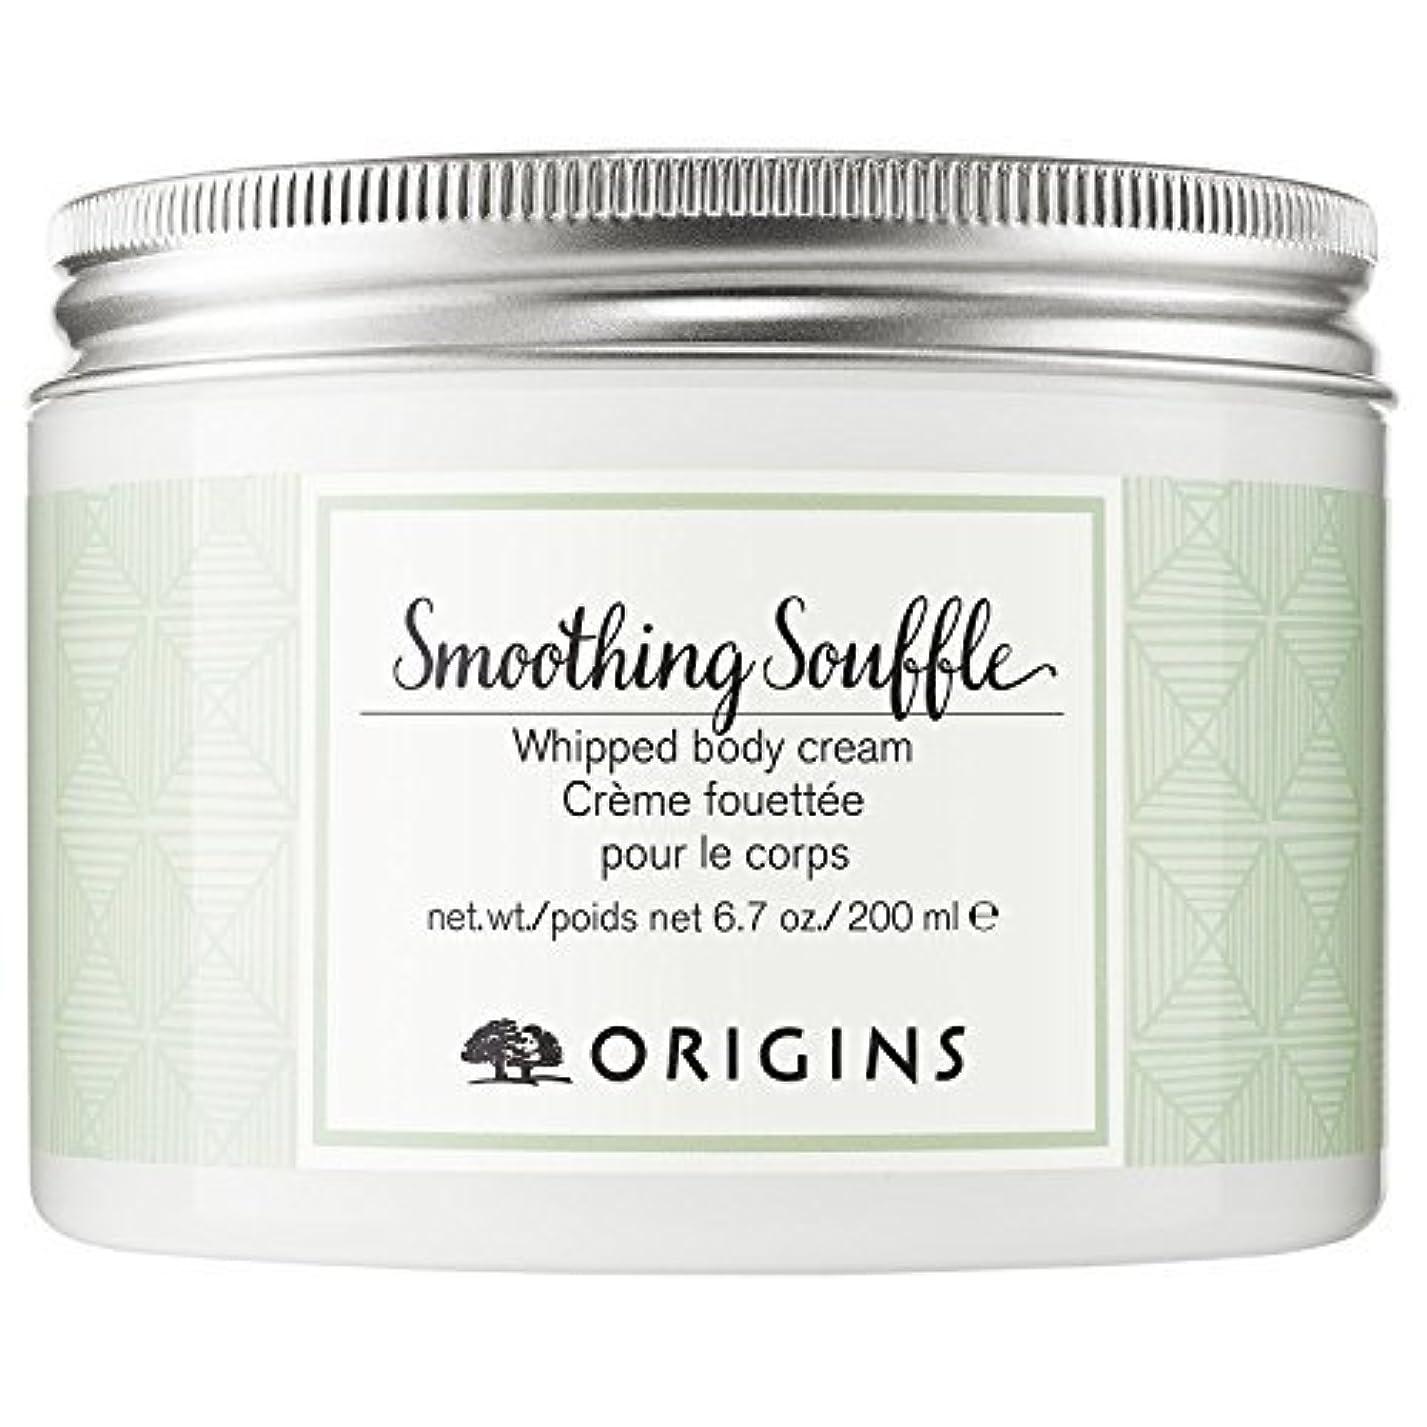 木材風味合意Origins Ginger Souffle Whipped Body Cream, 200ml by Origins